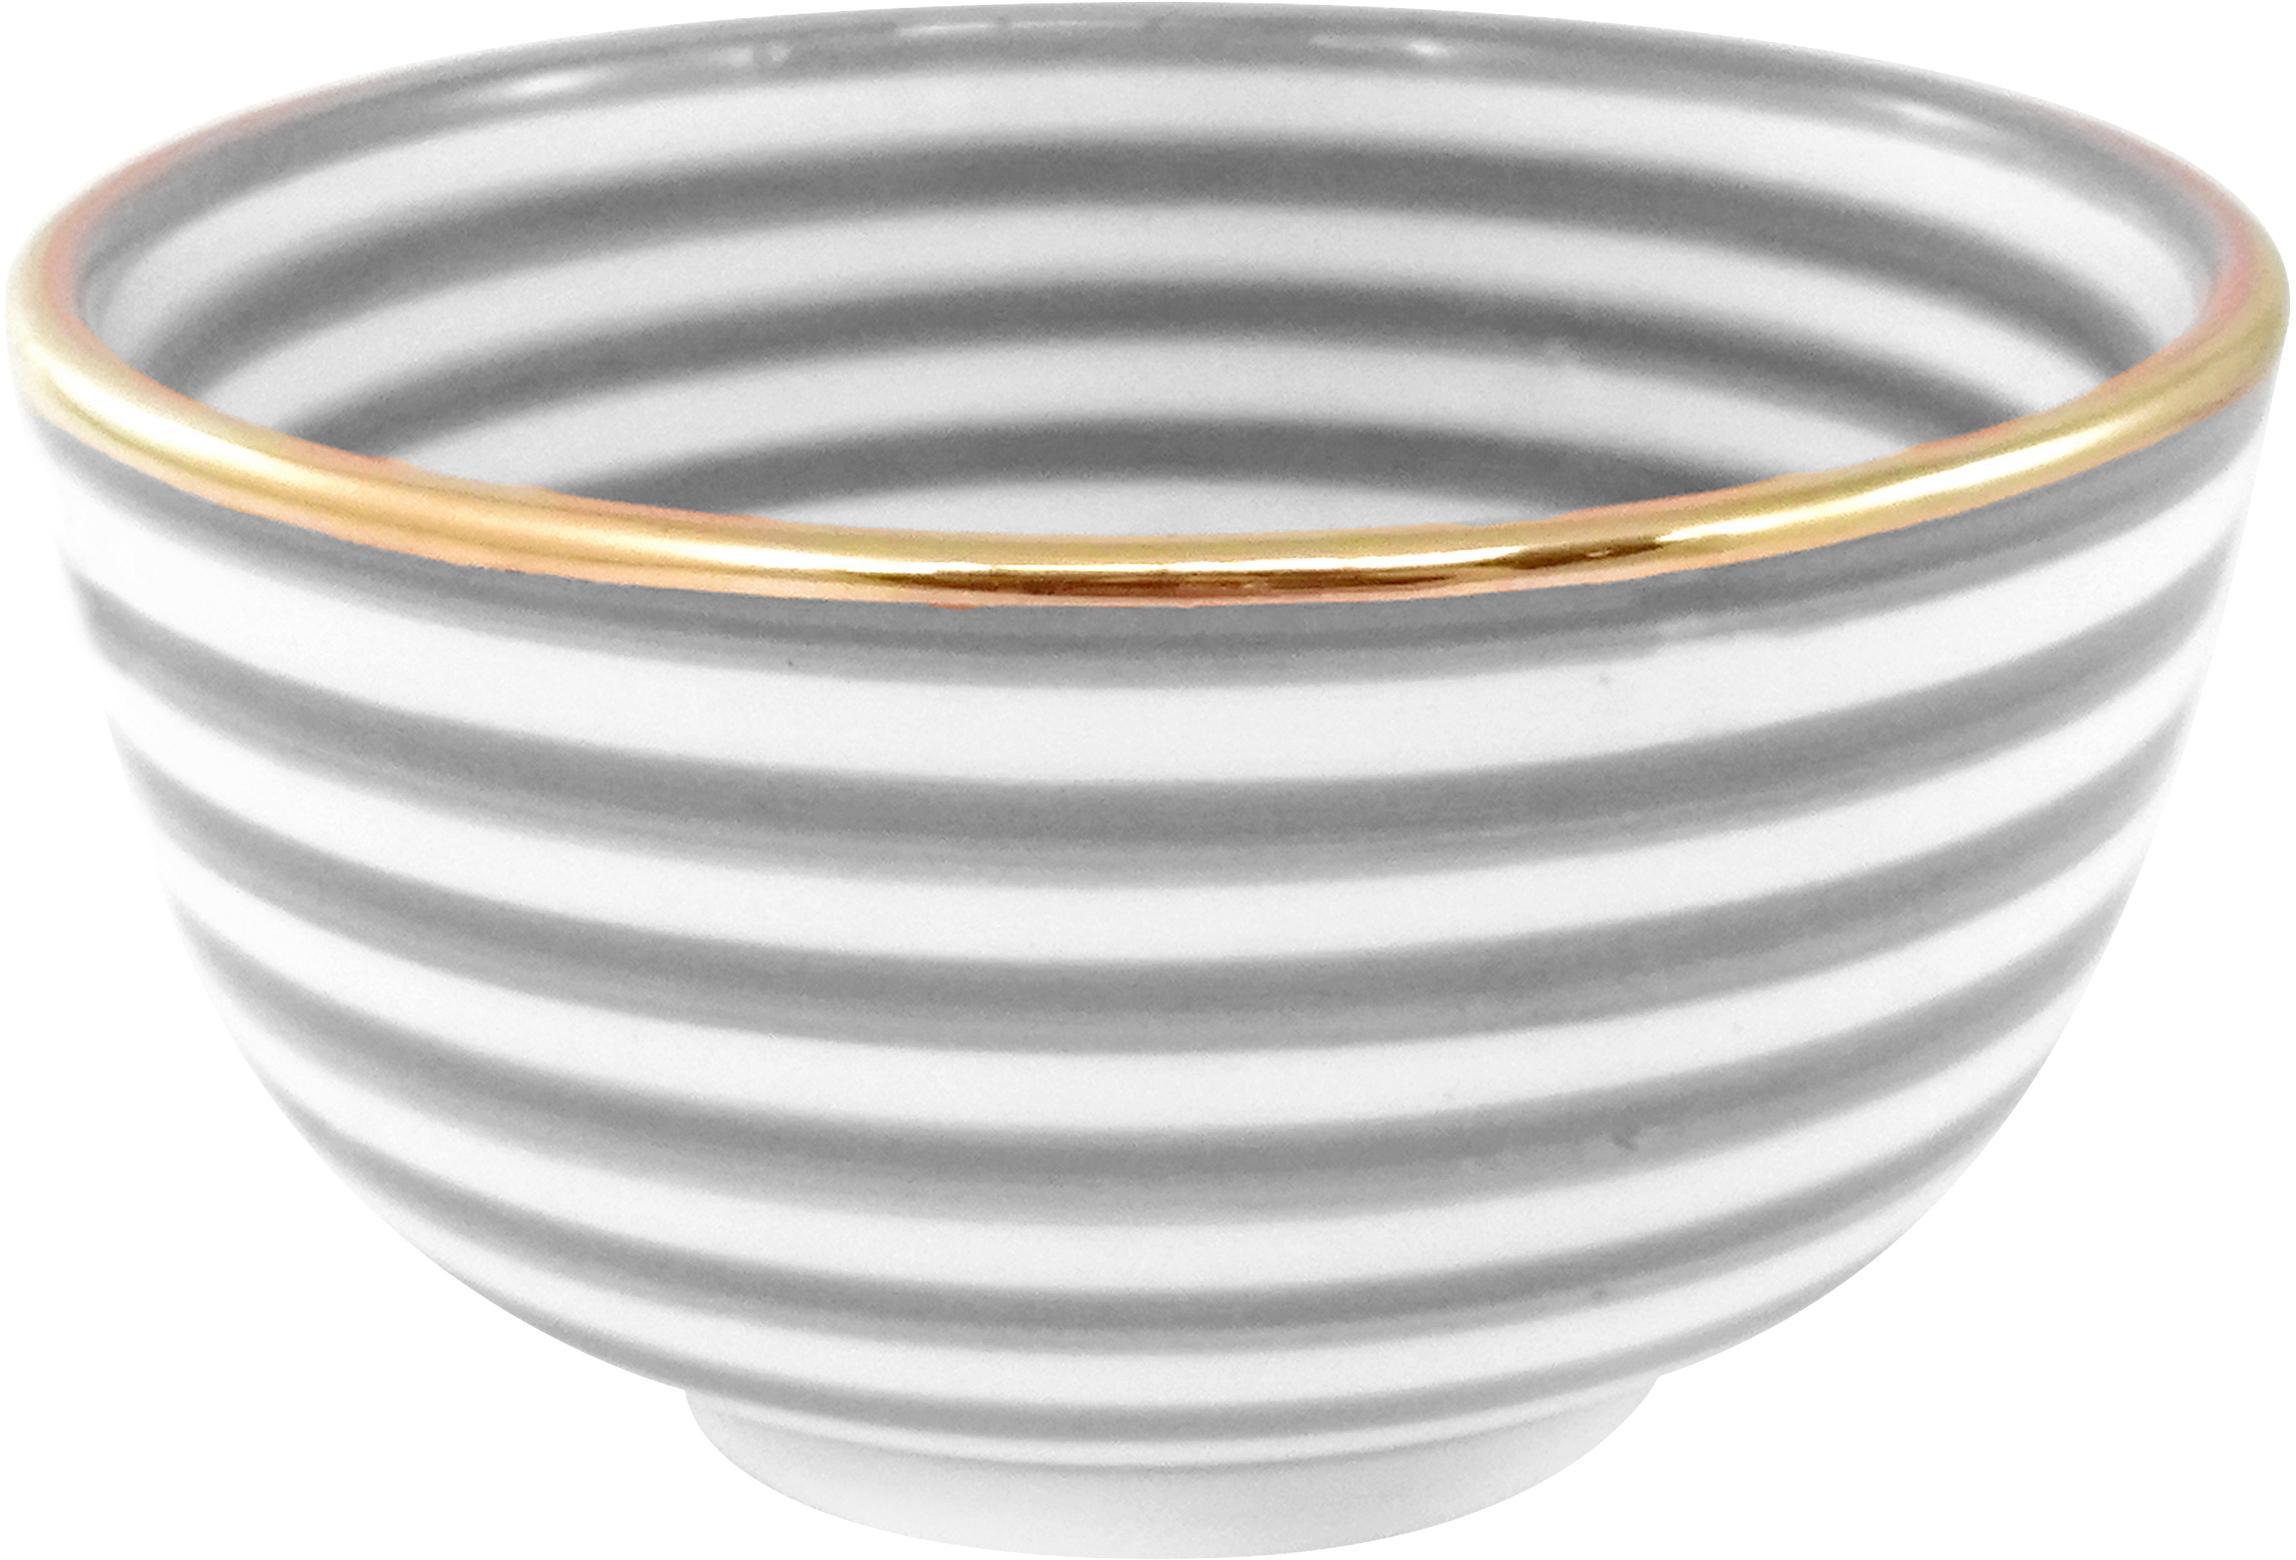 Handgemachtes Schälchen Moyen mit Goldrand, Keramik, Hellgrau, Cremefarben, Gold, Ø 15 x H 9 cm